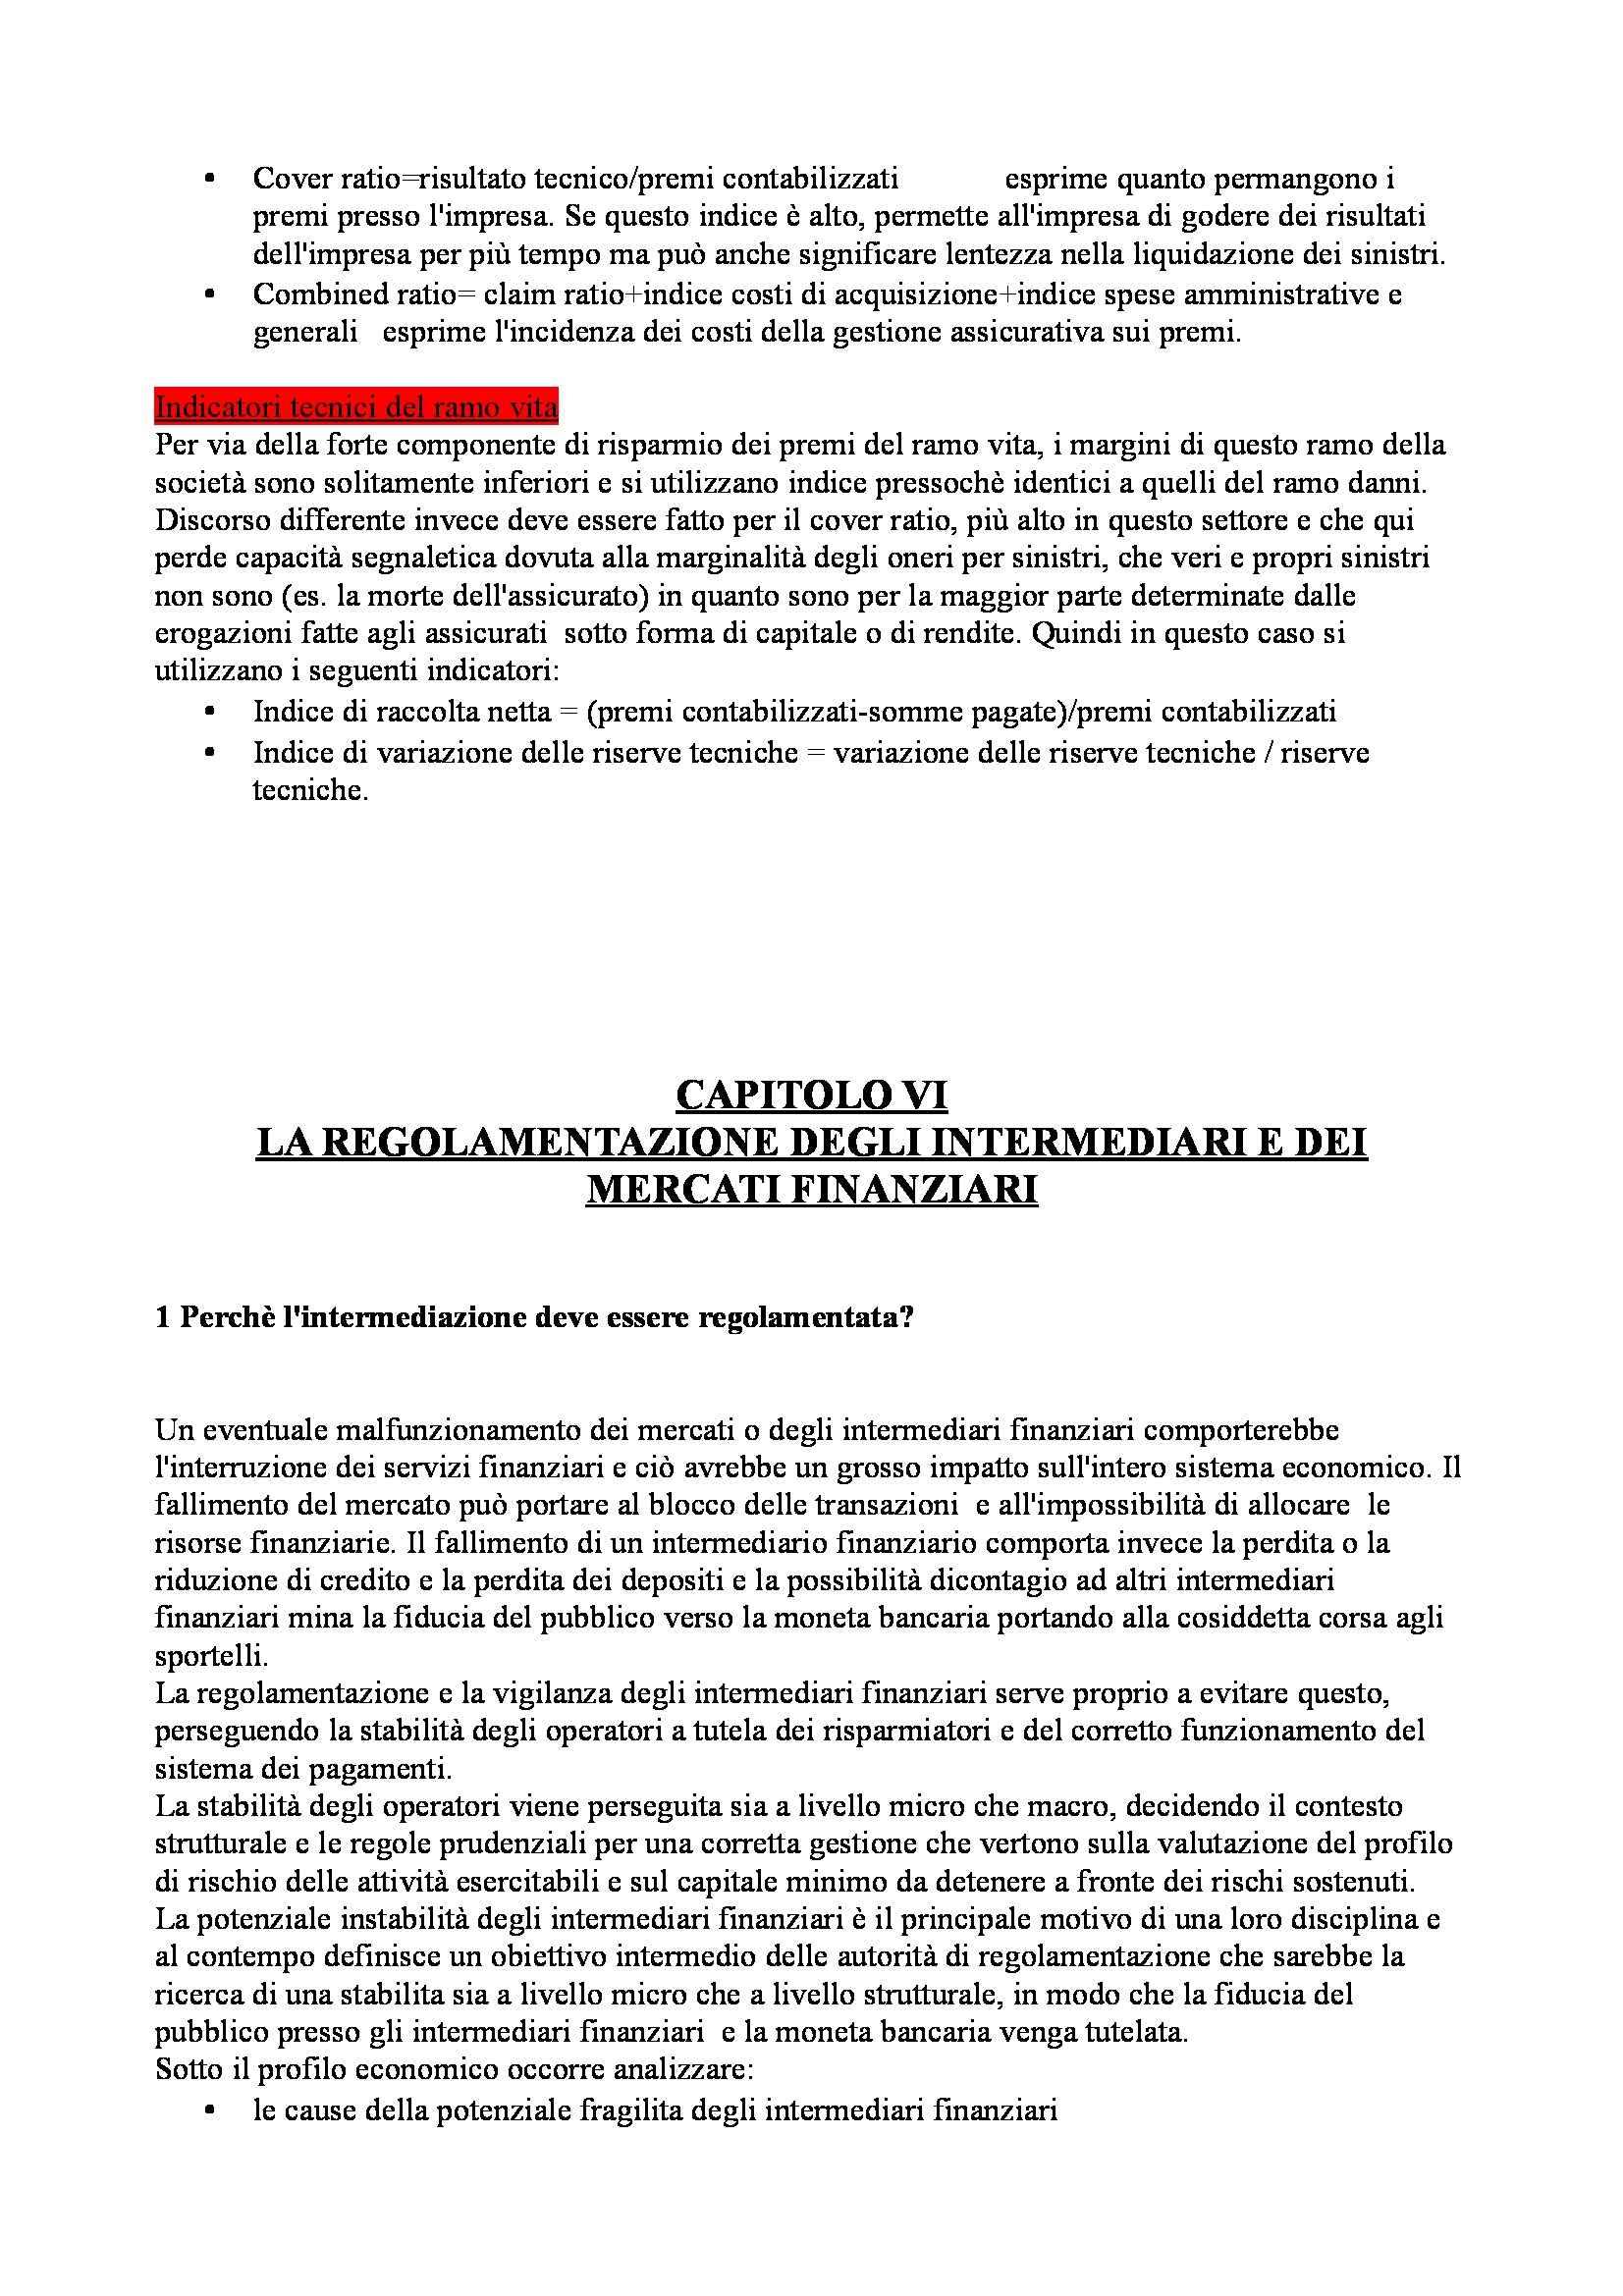 Riassunto esame Economia degli intermediari finanziari, prof. Moro, libro consigliato Banfi Biasin Pag. 36